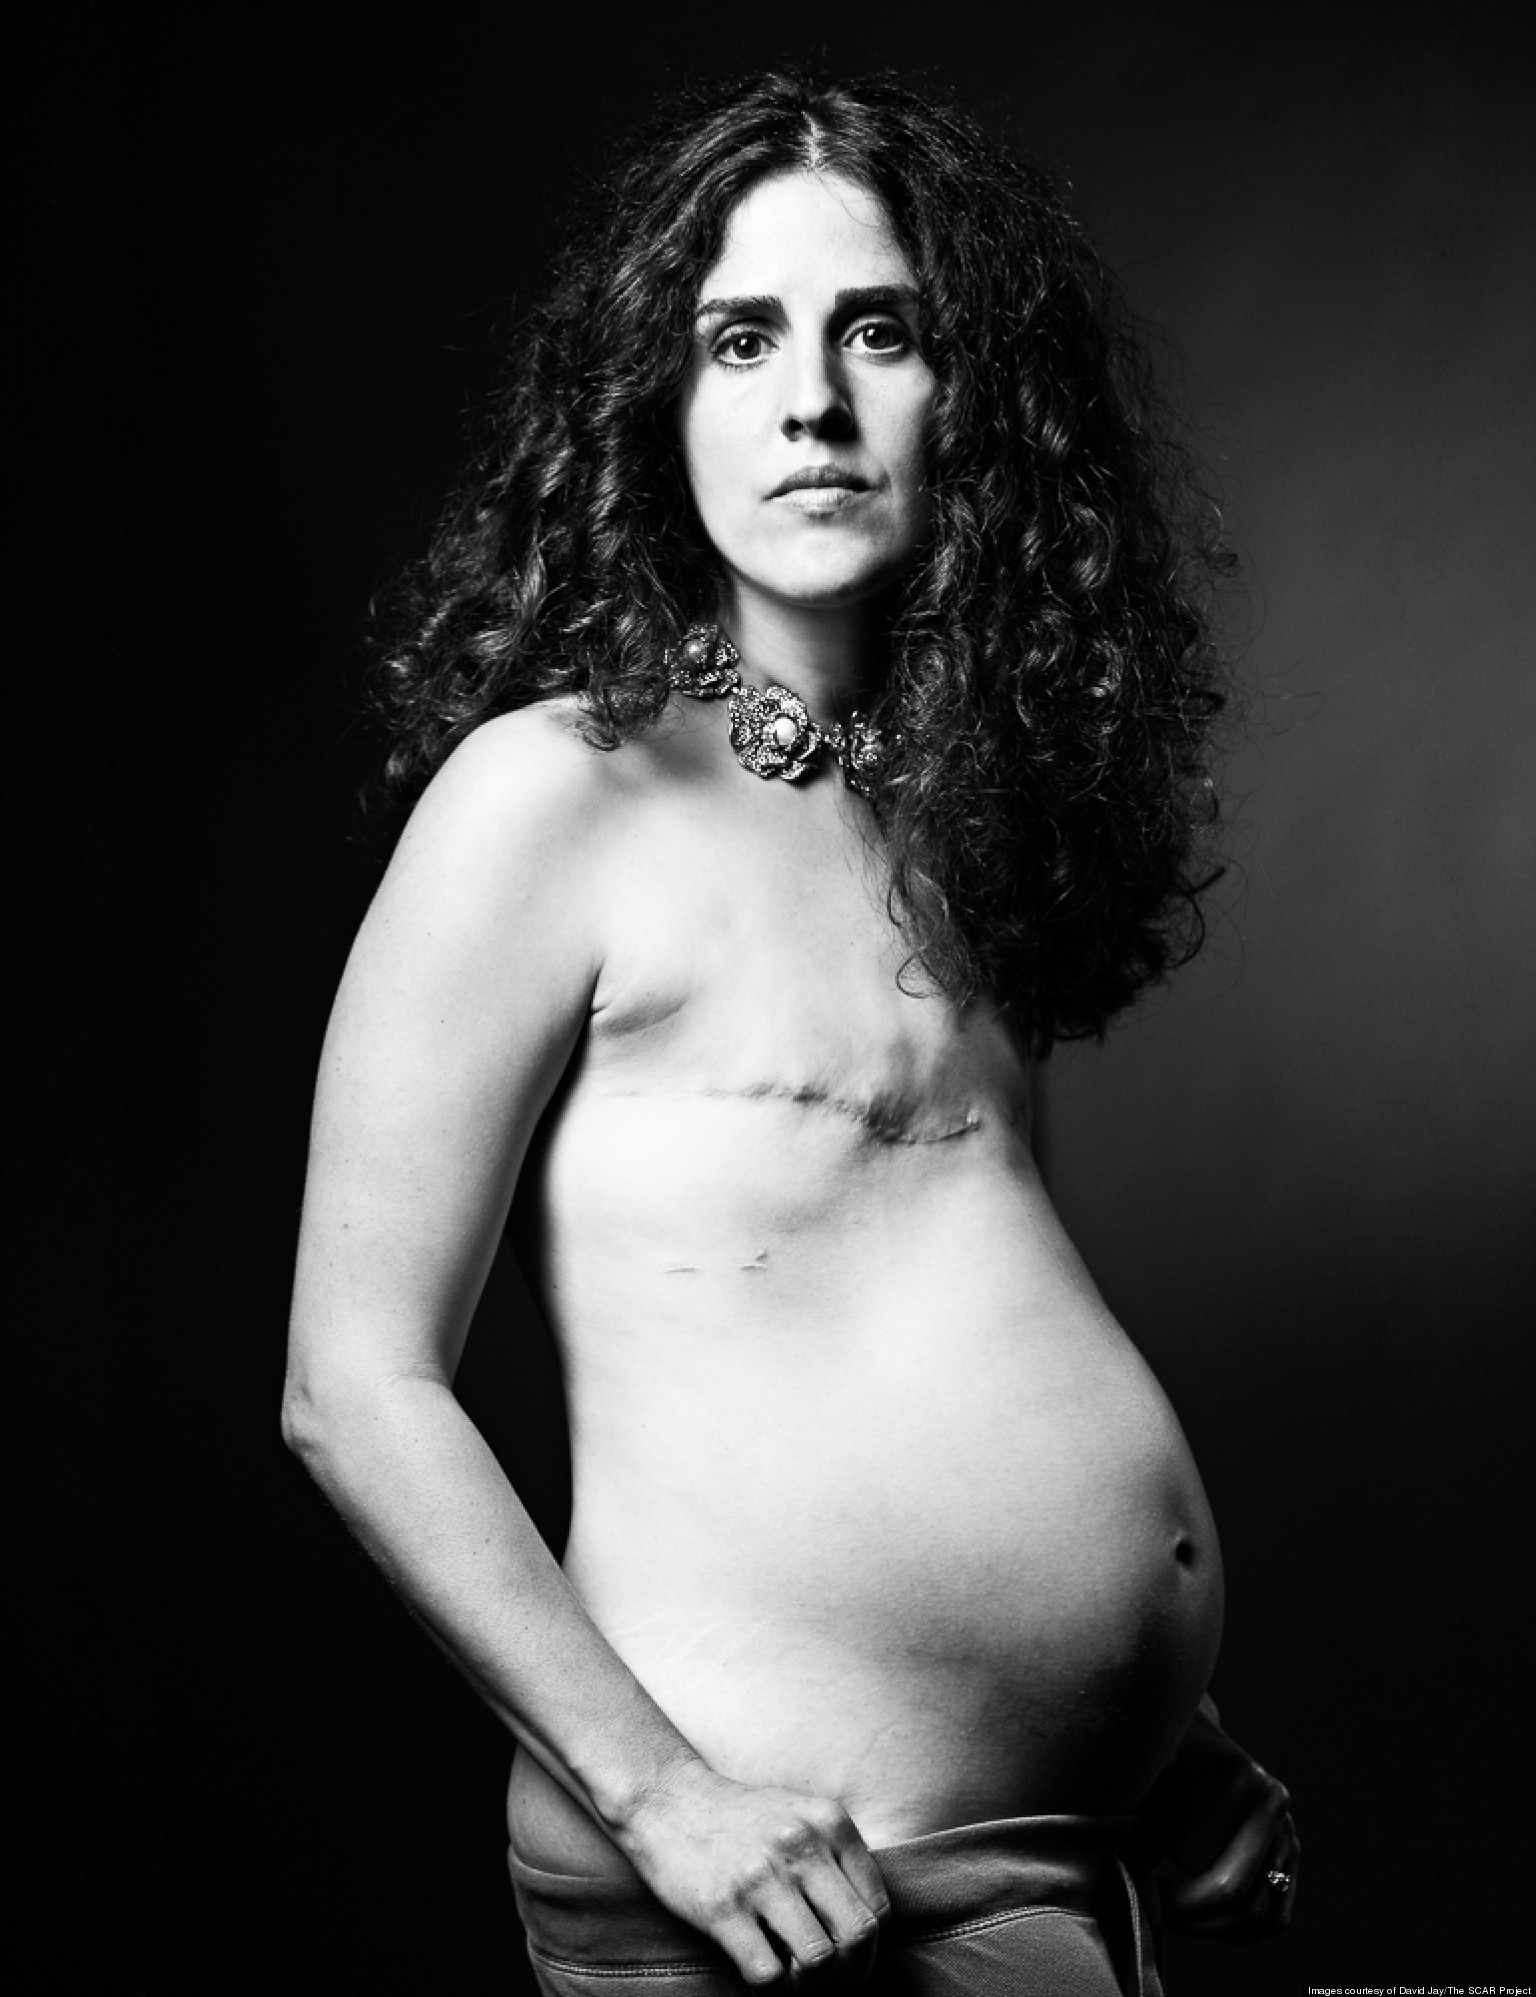 Фото отрезанная грудь 6 фотография